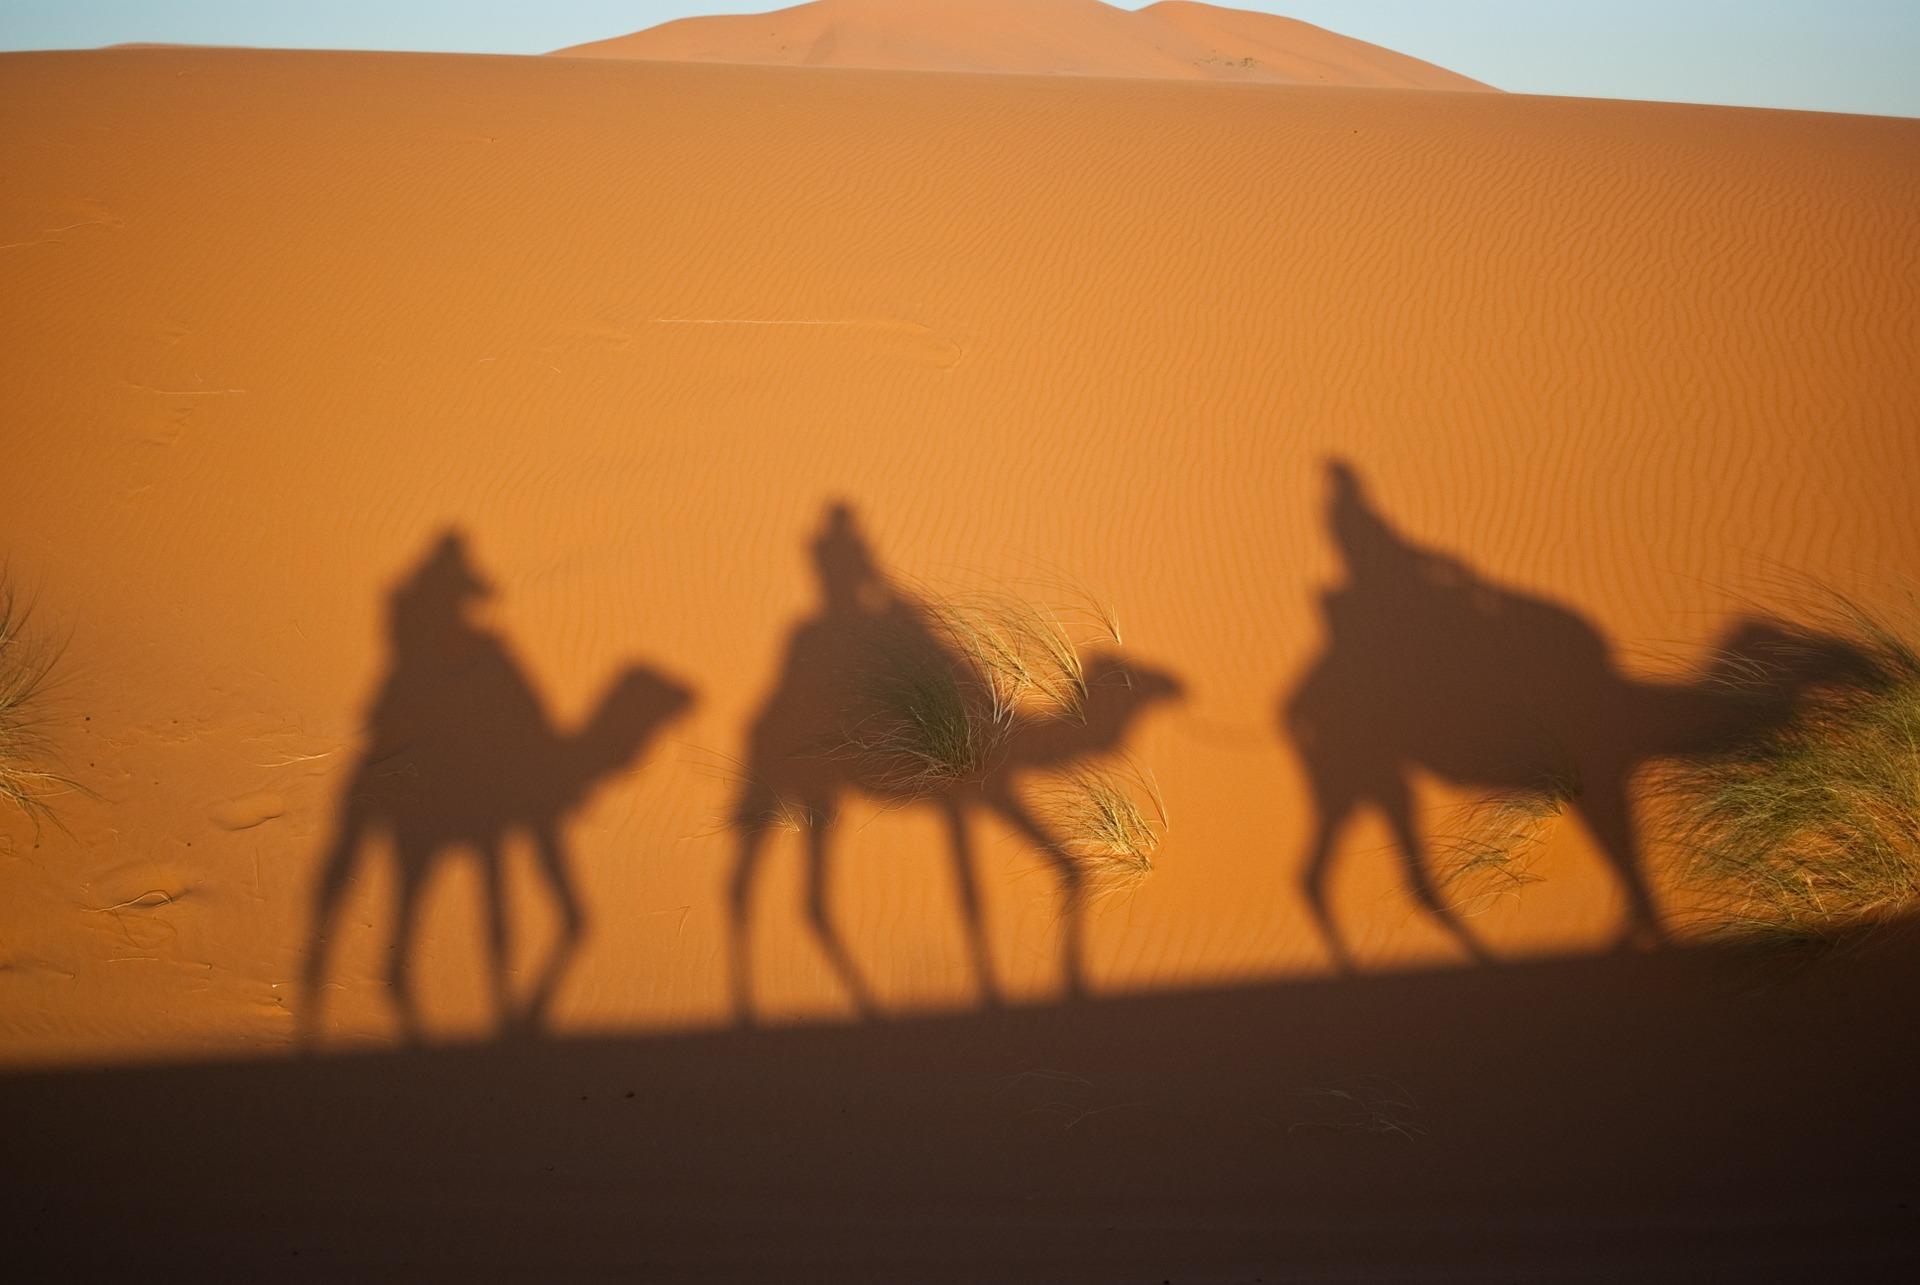 viajes-en-navidad-con-ninos-6-marruecos